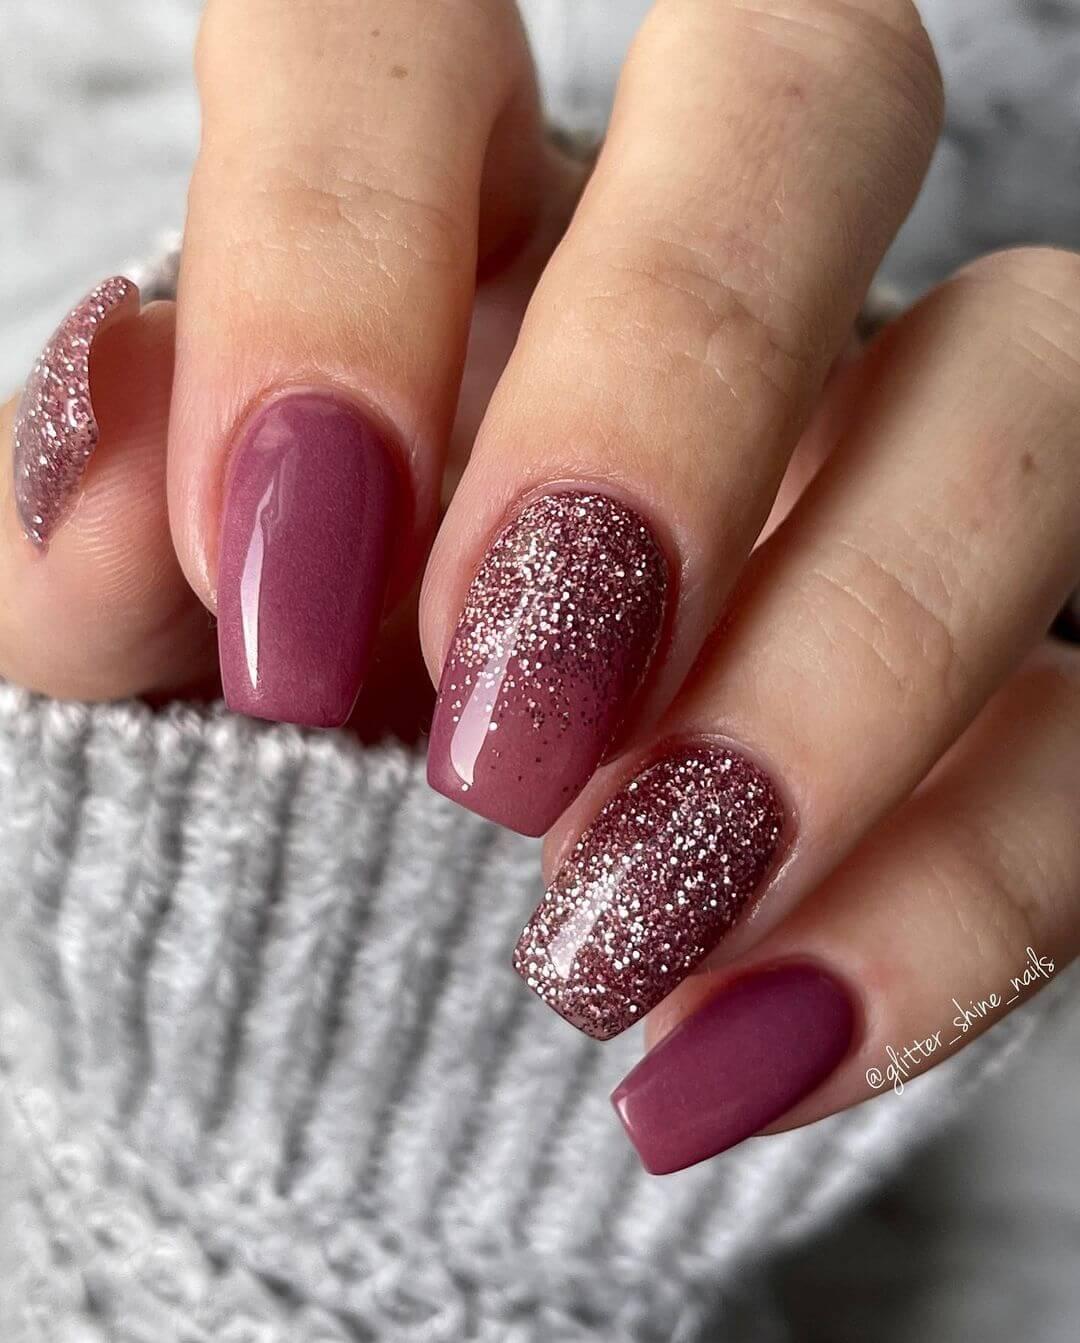 Glitter Nail Art Designs Wonders trucking maroon nail paint